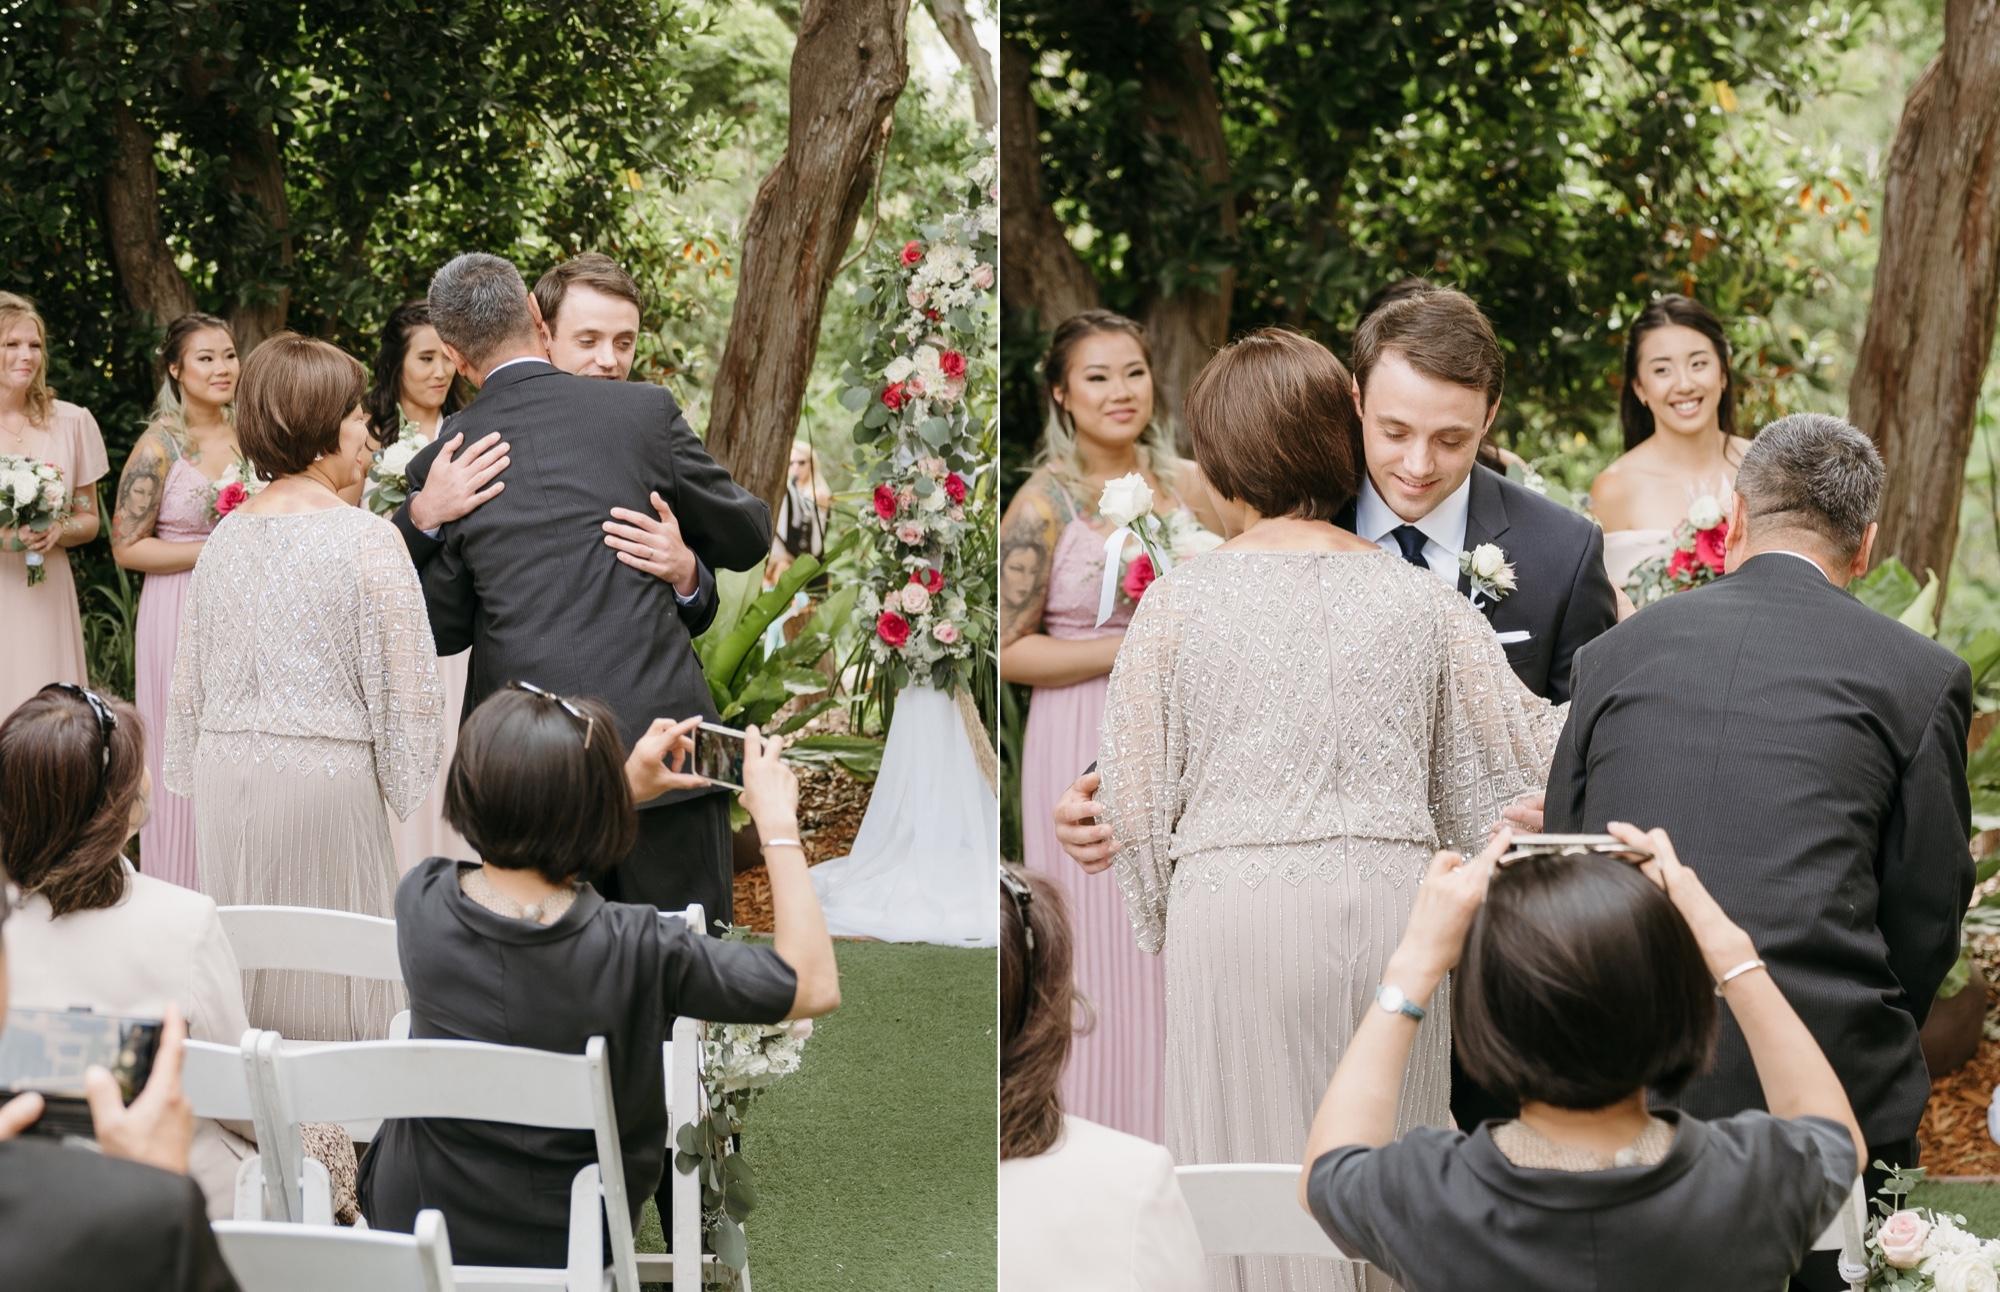 038_Shawna and Steve's Wedding-220_Shawna and Steve's Wedding-218.jpg